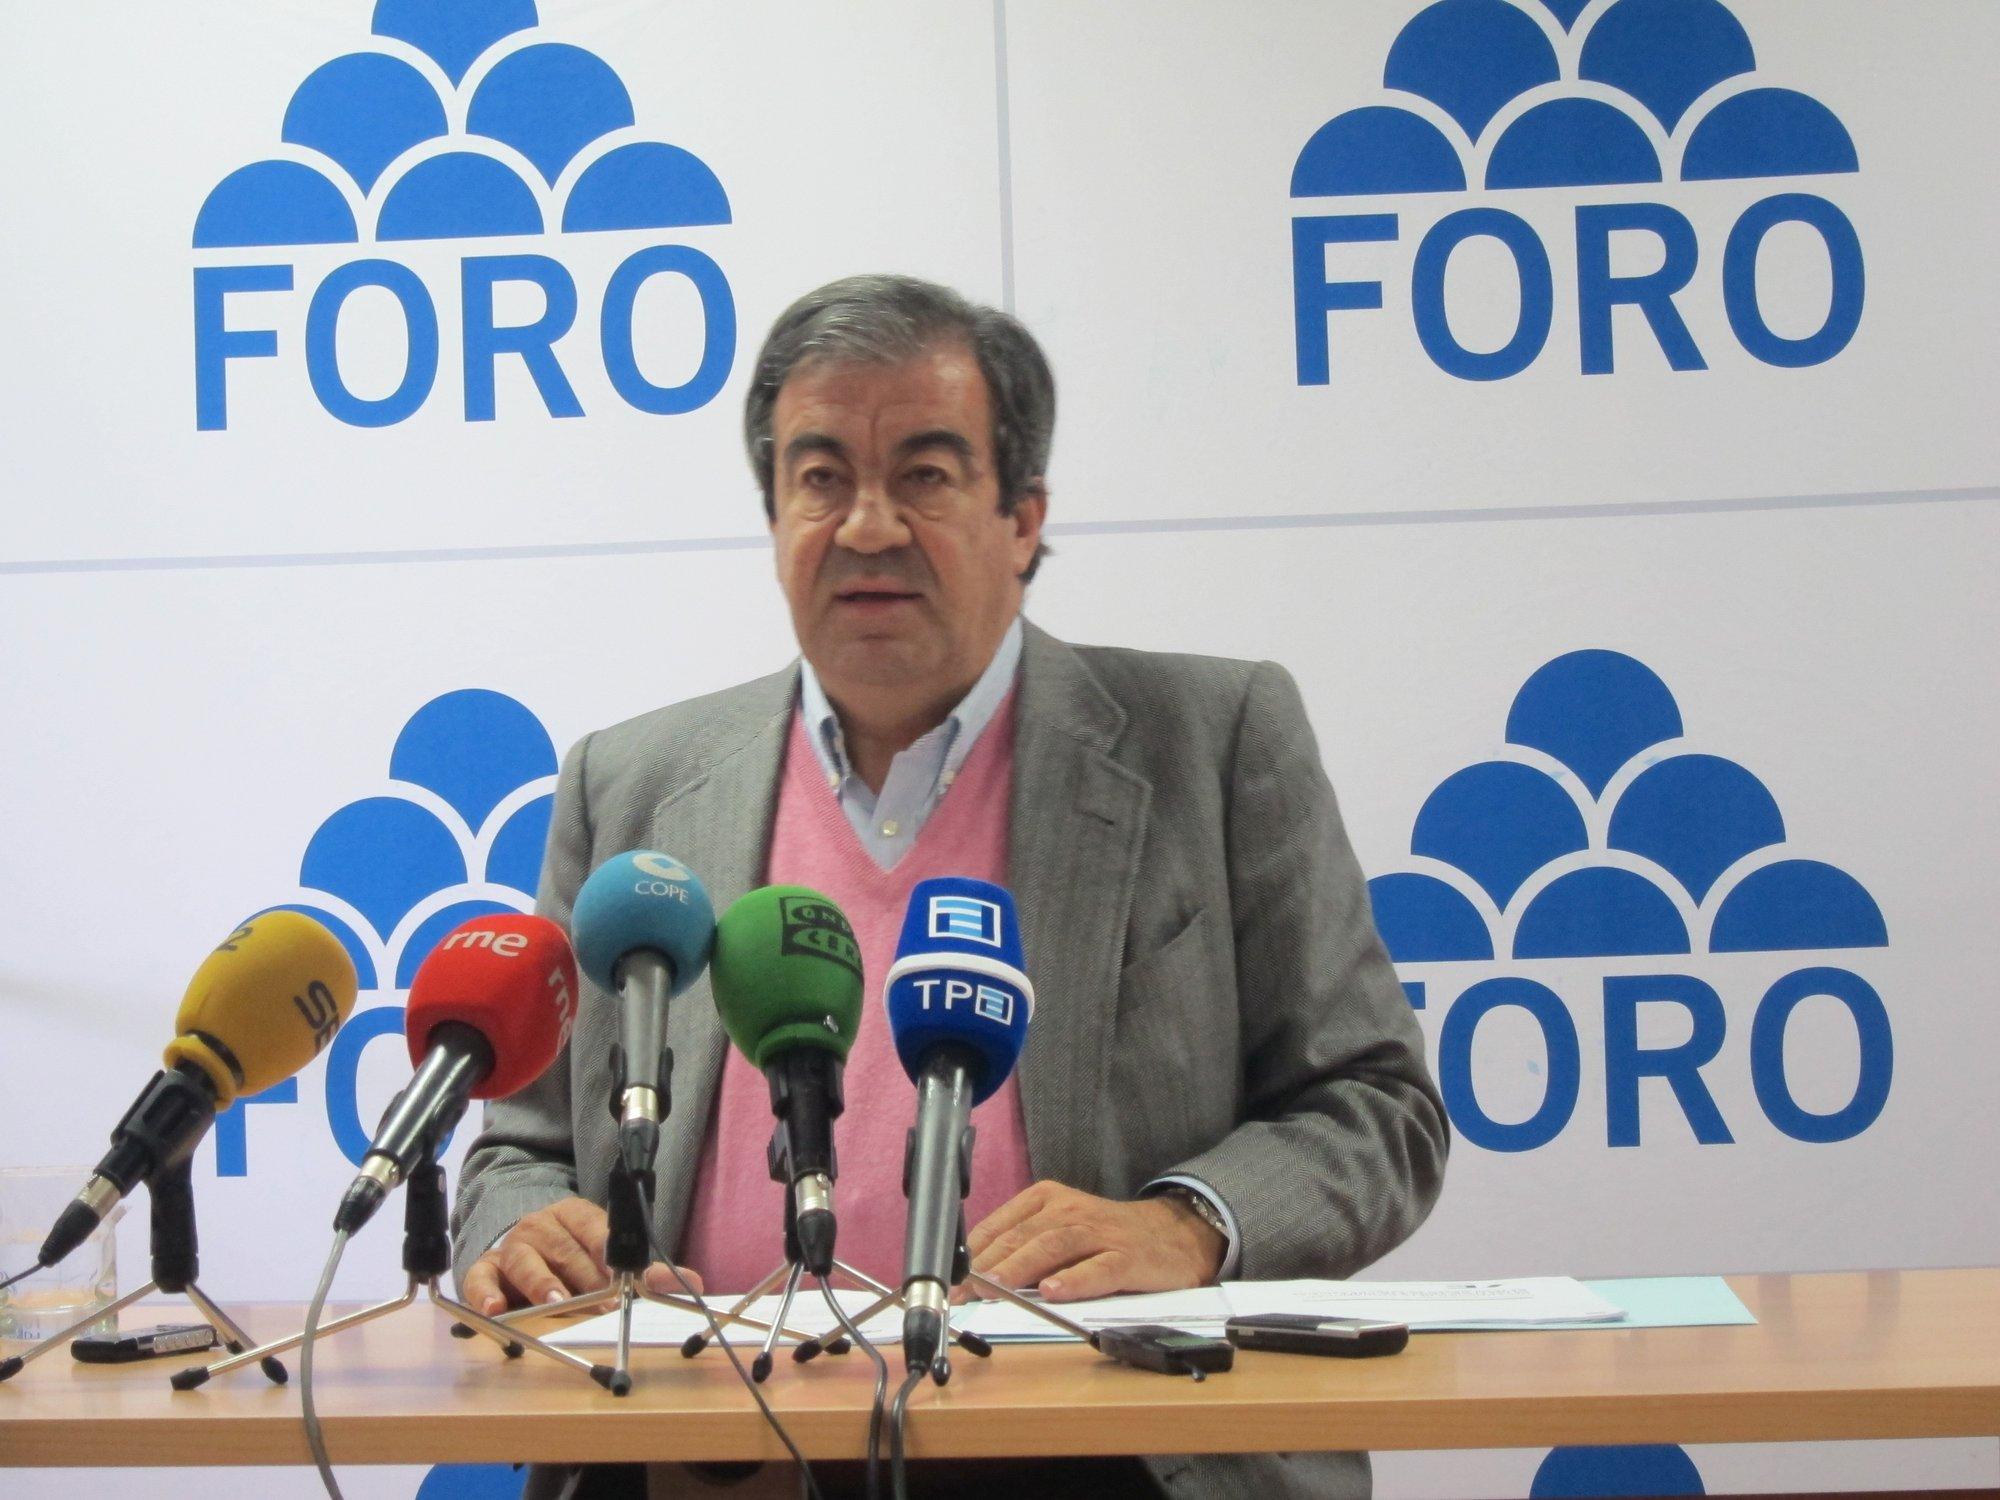 Cascos dice que Zapatero y Rajoy están favoreciendo mayorías nacionalistas en Cataluña y País Vasco